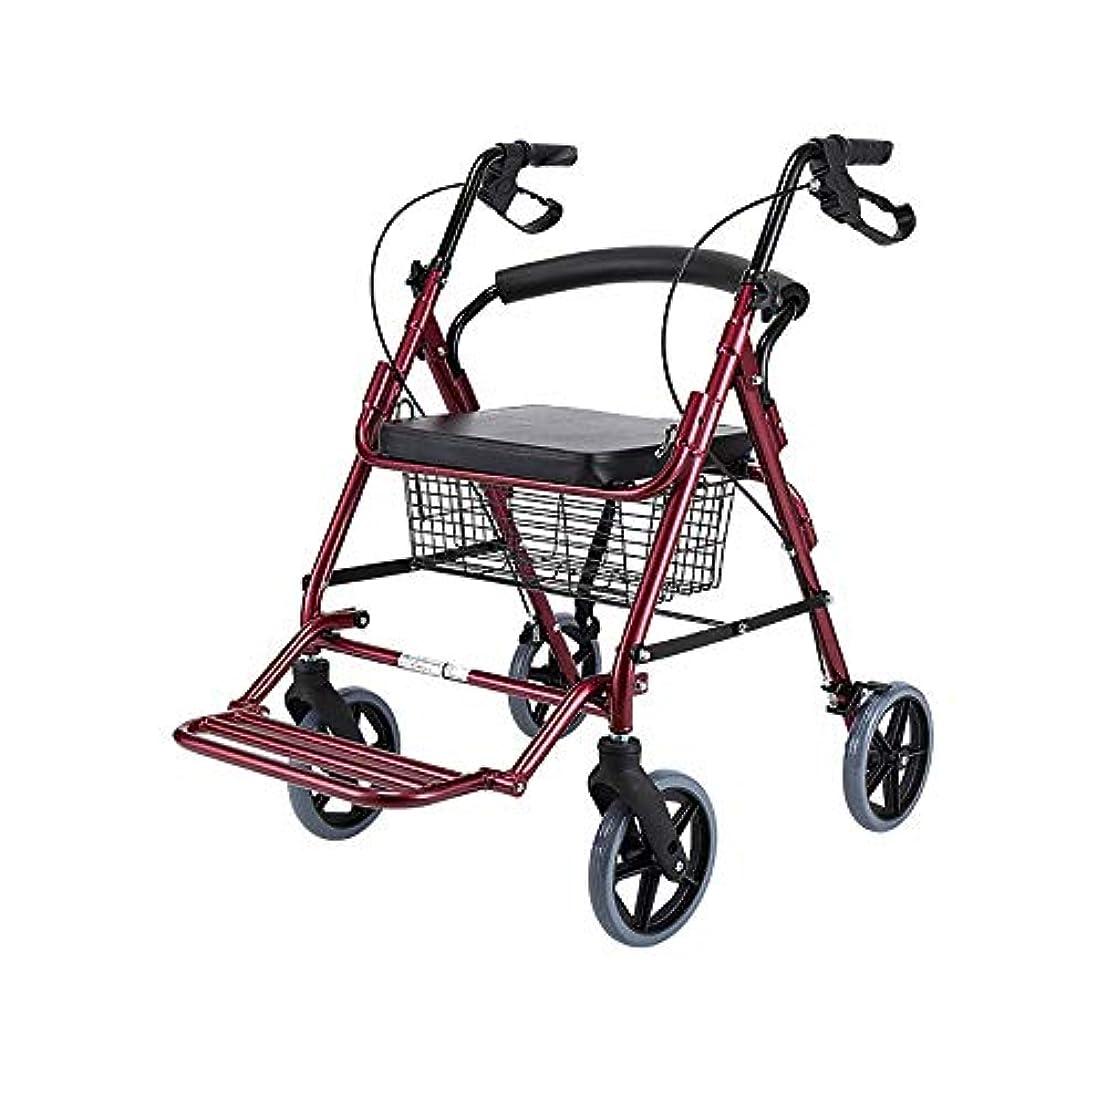 ひいきにするおもしろい若者高齢者ウォーカー、折りたたみ式ポータブル歩行器補助ウォーカー四輪ショッピングカートハンドブレーキ付きヘビーデューティウォーカー